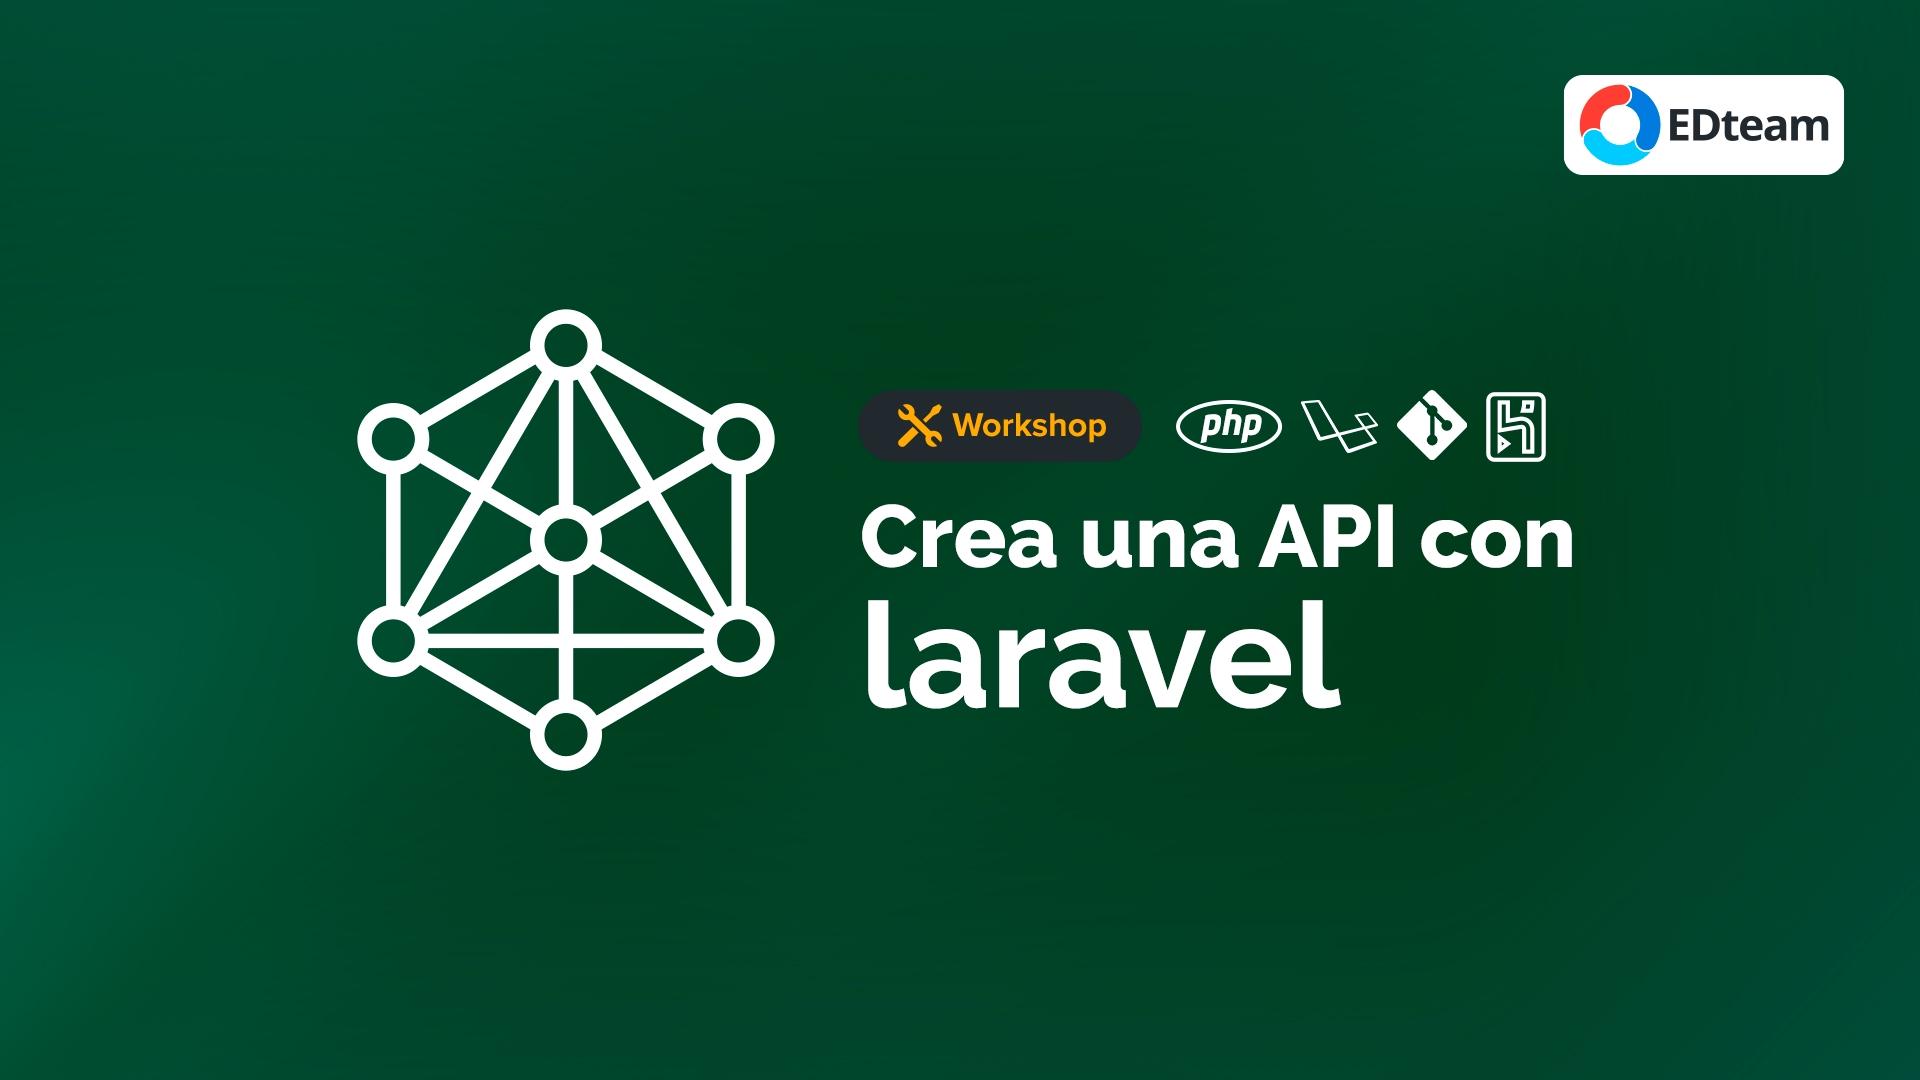 Consumo de APIs con Laravel